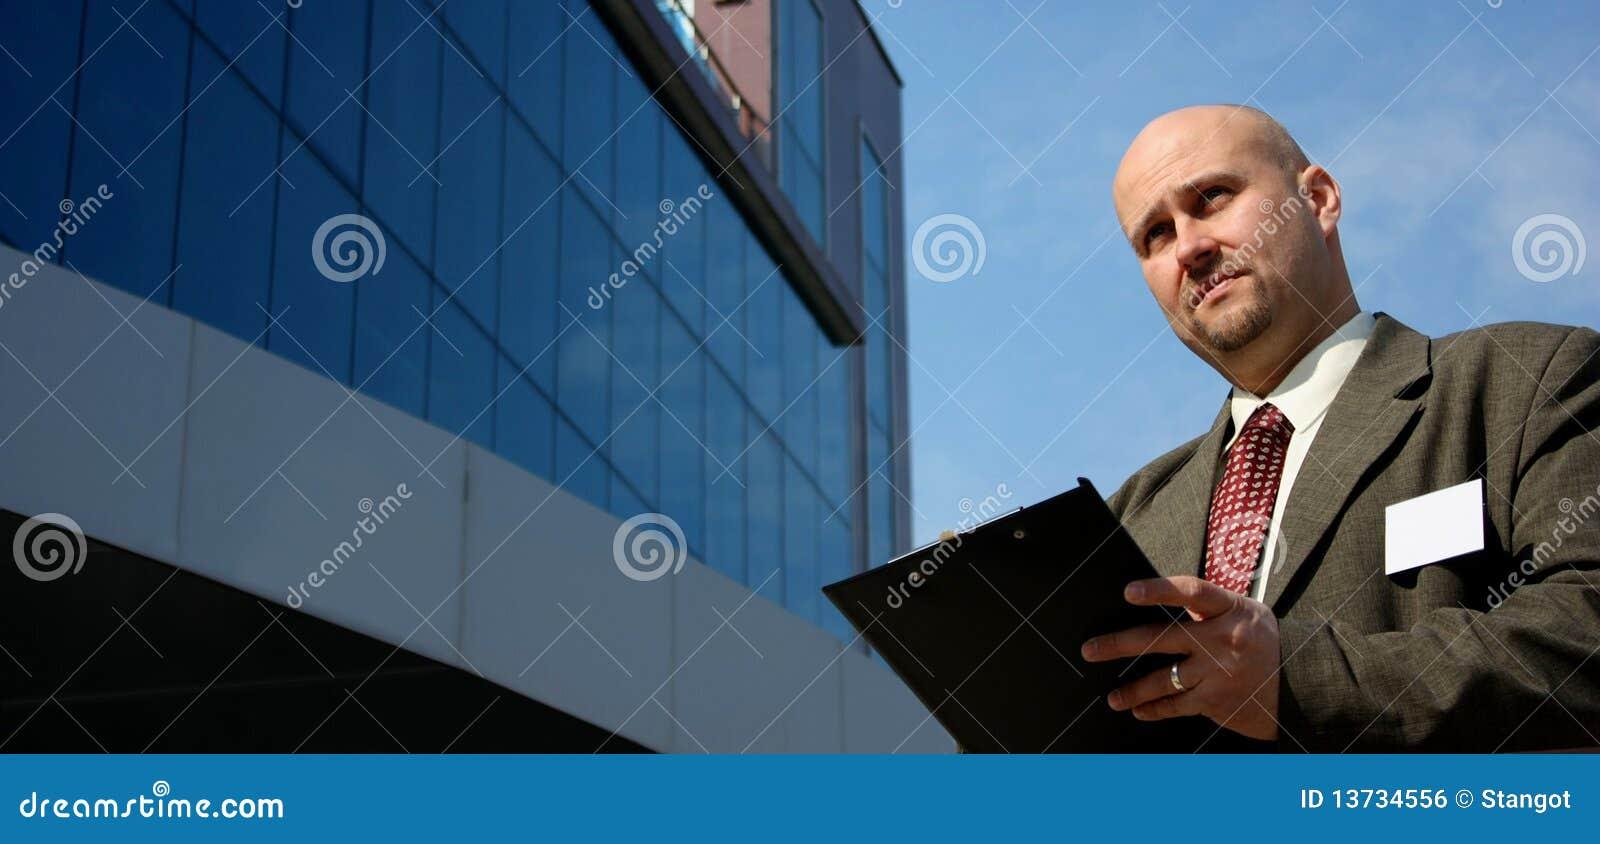 A business men